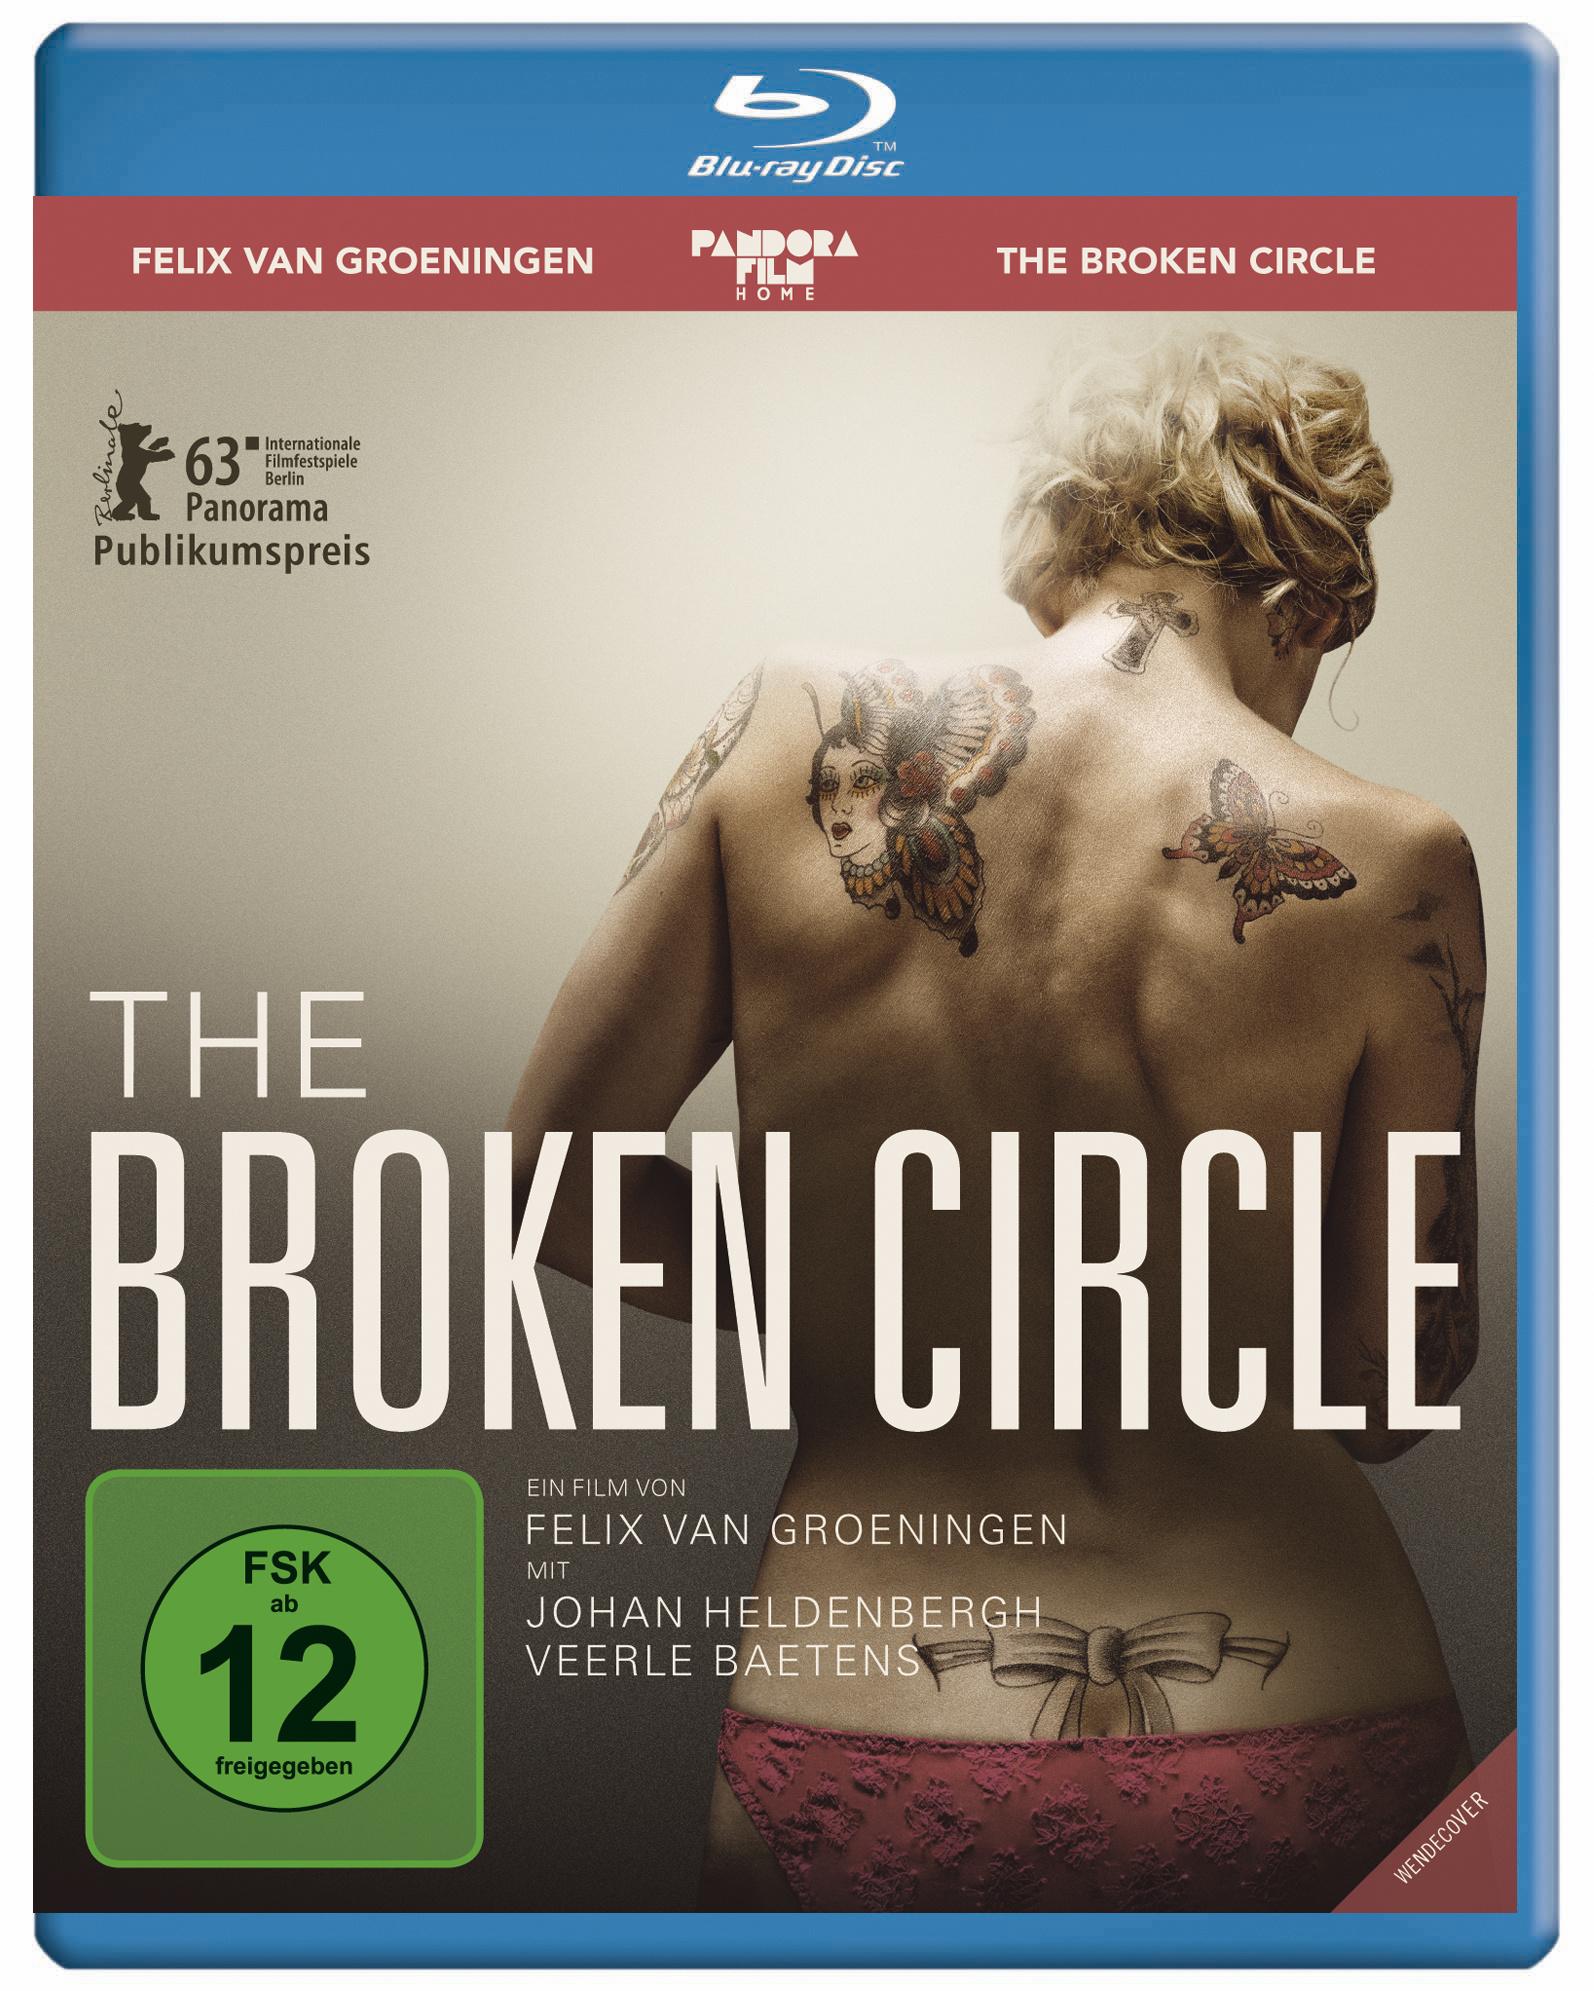 Image of Broken Circle